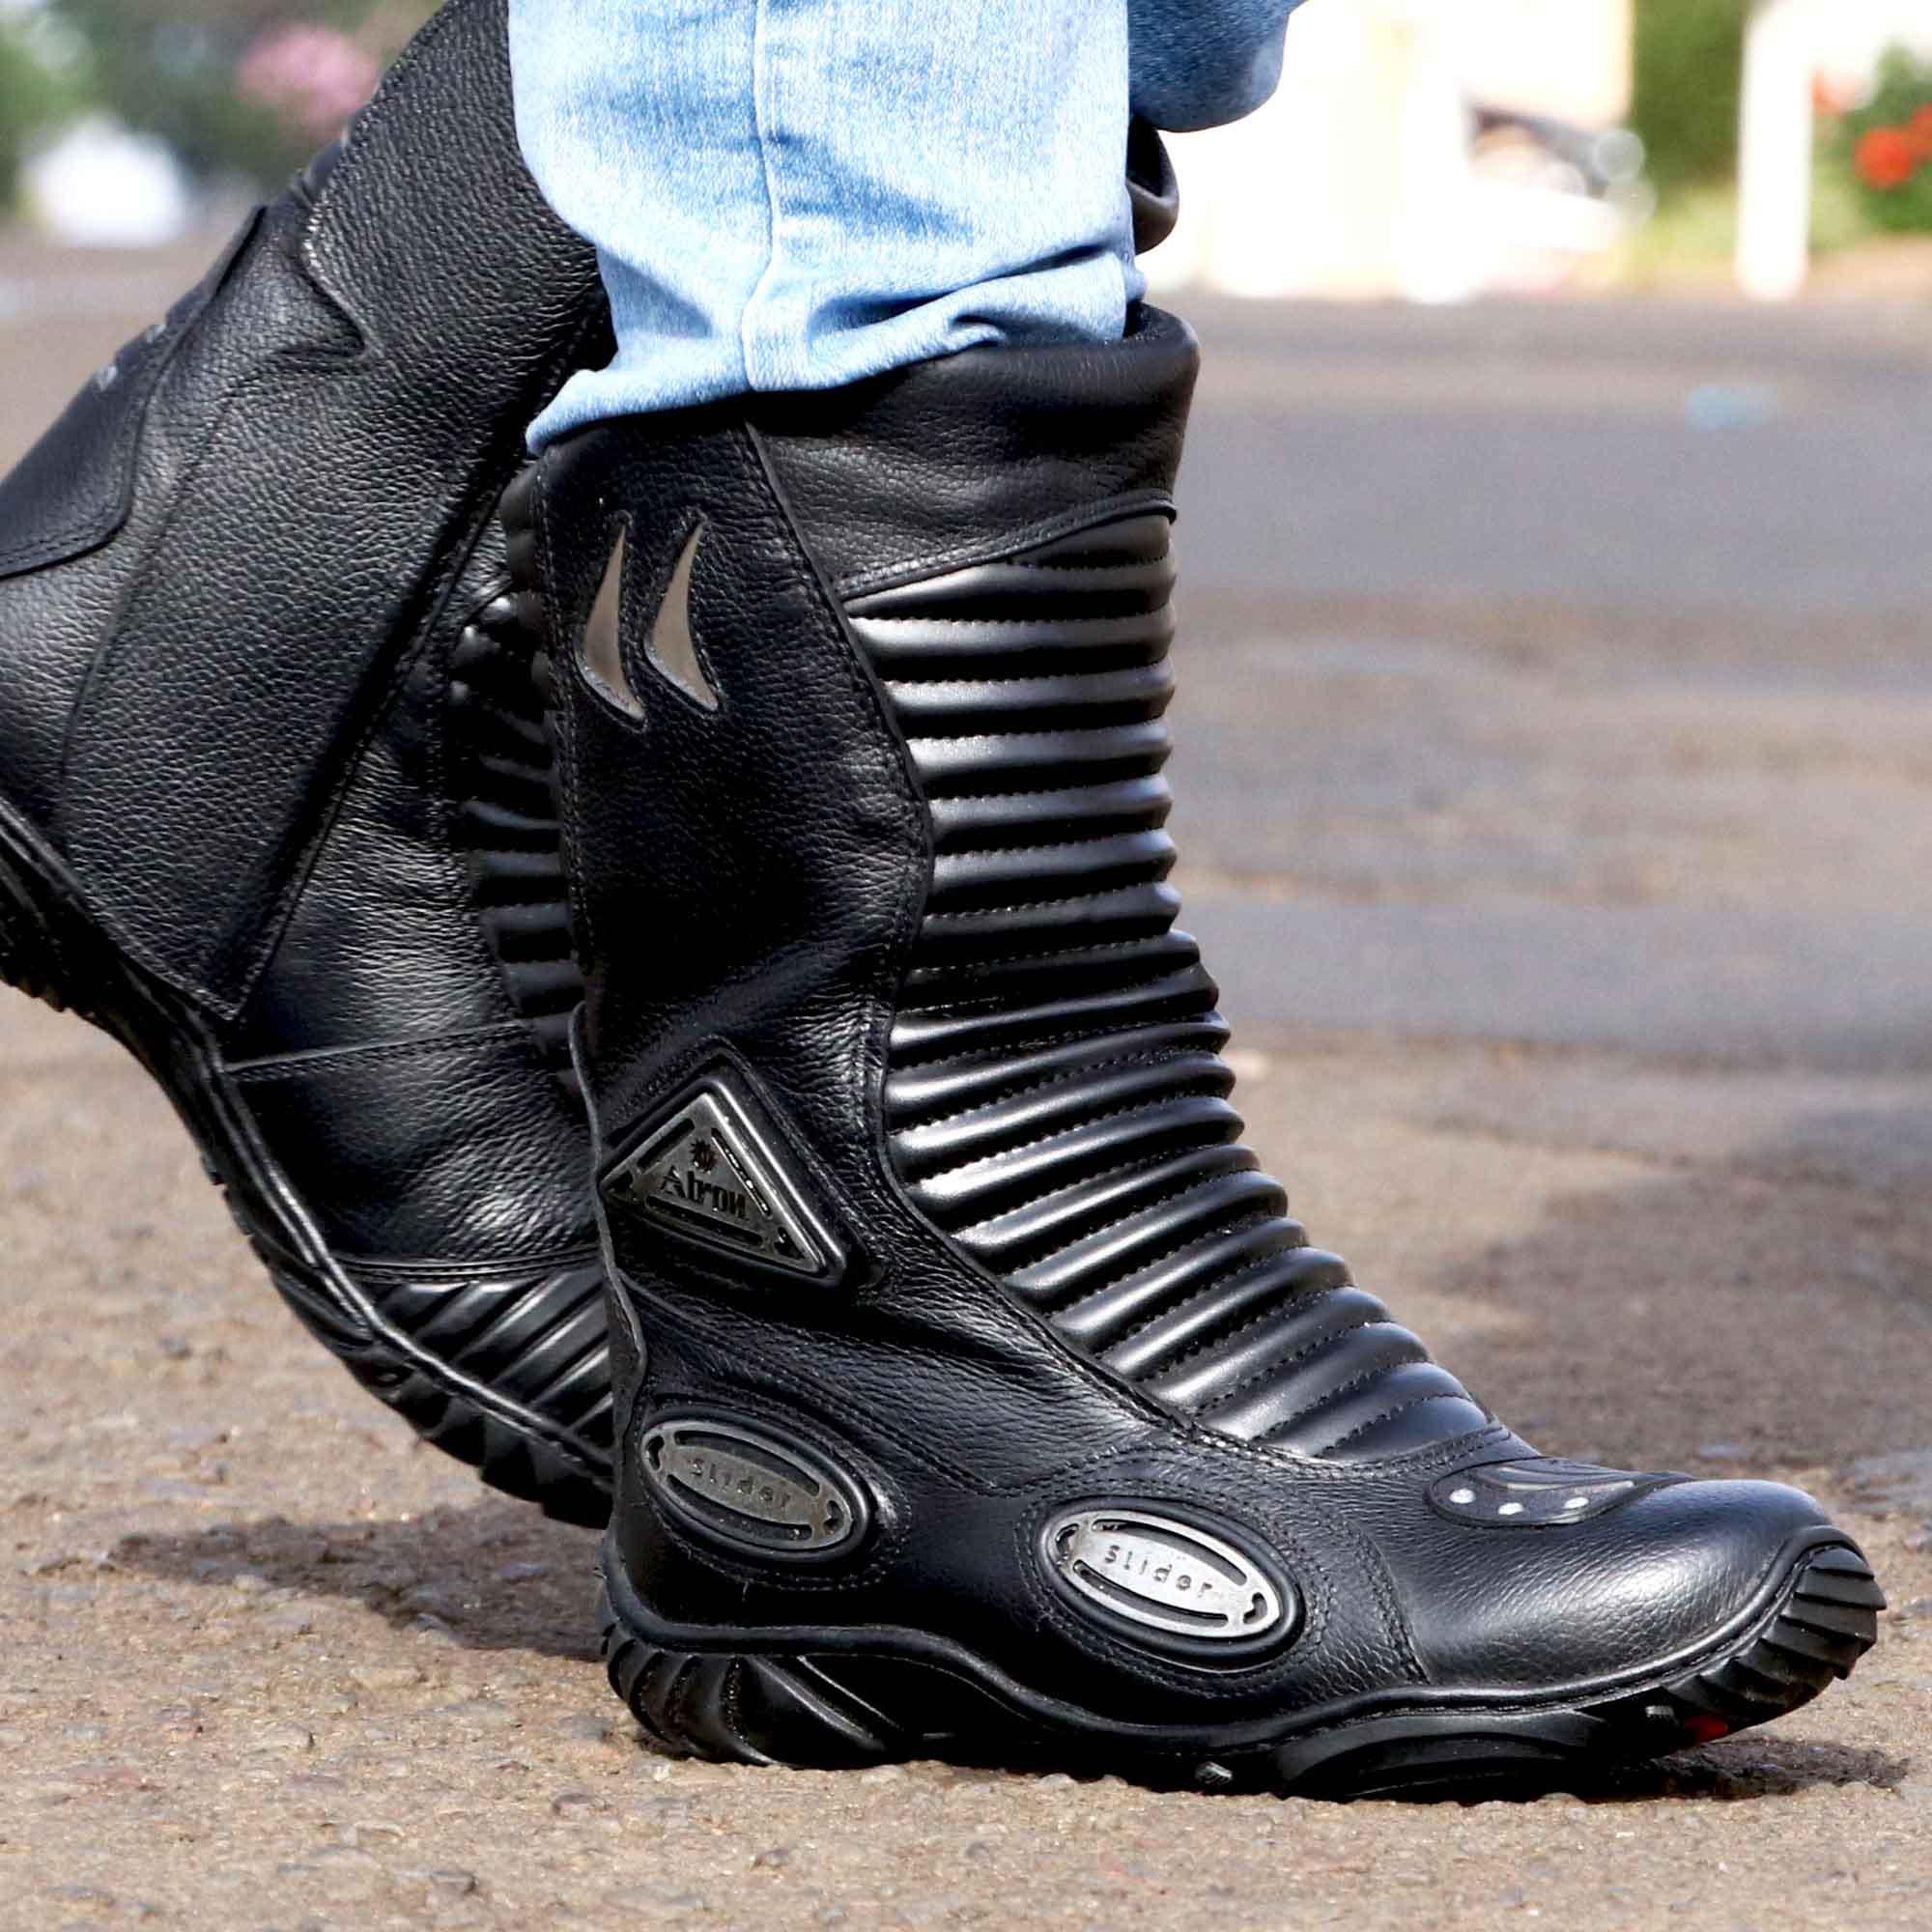 Bota motociclista Stunt em couro legítimo - GRÁTIS 1 CARTEIRA - 300